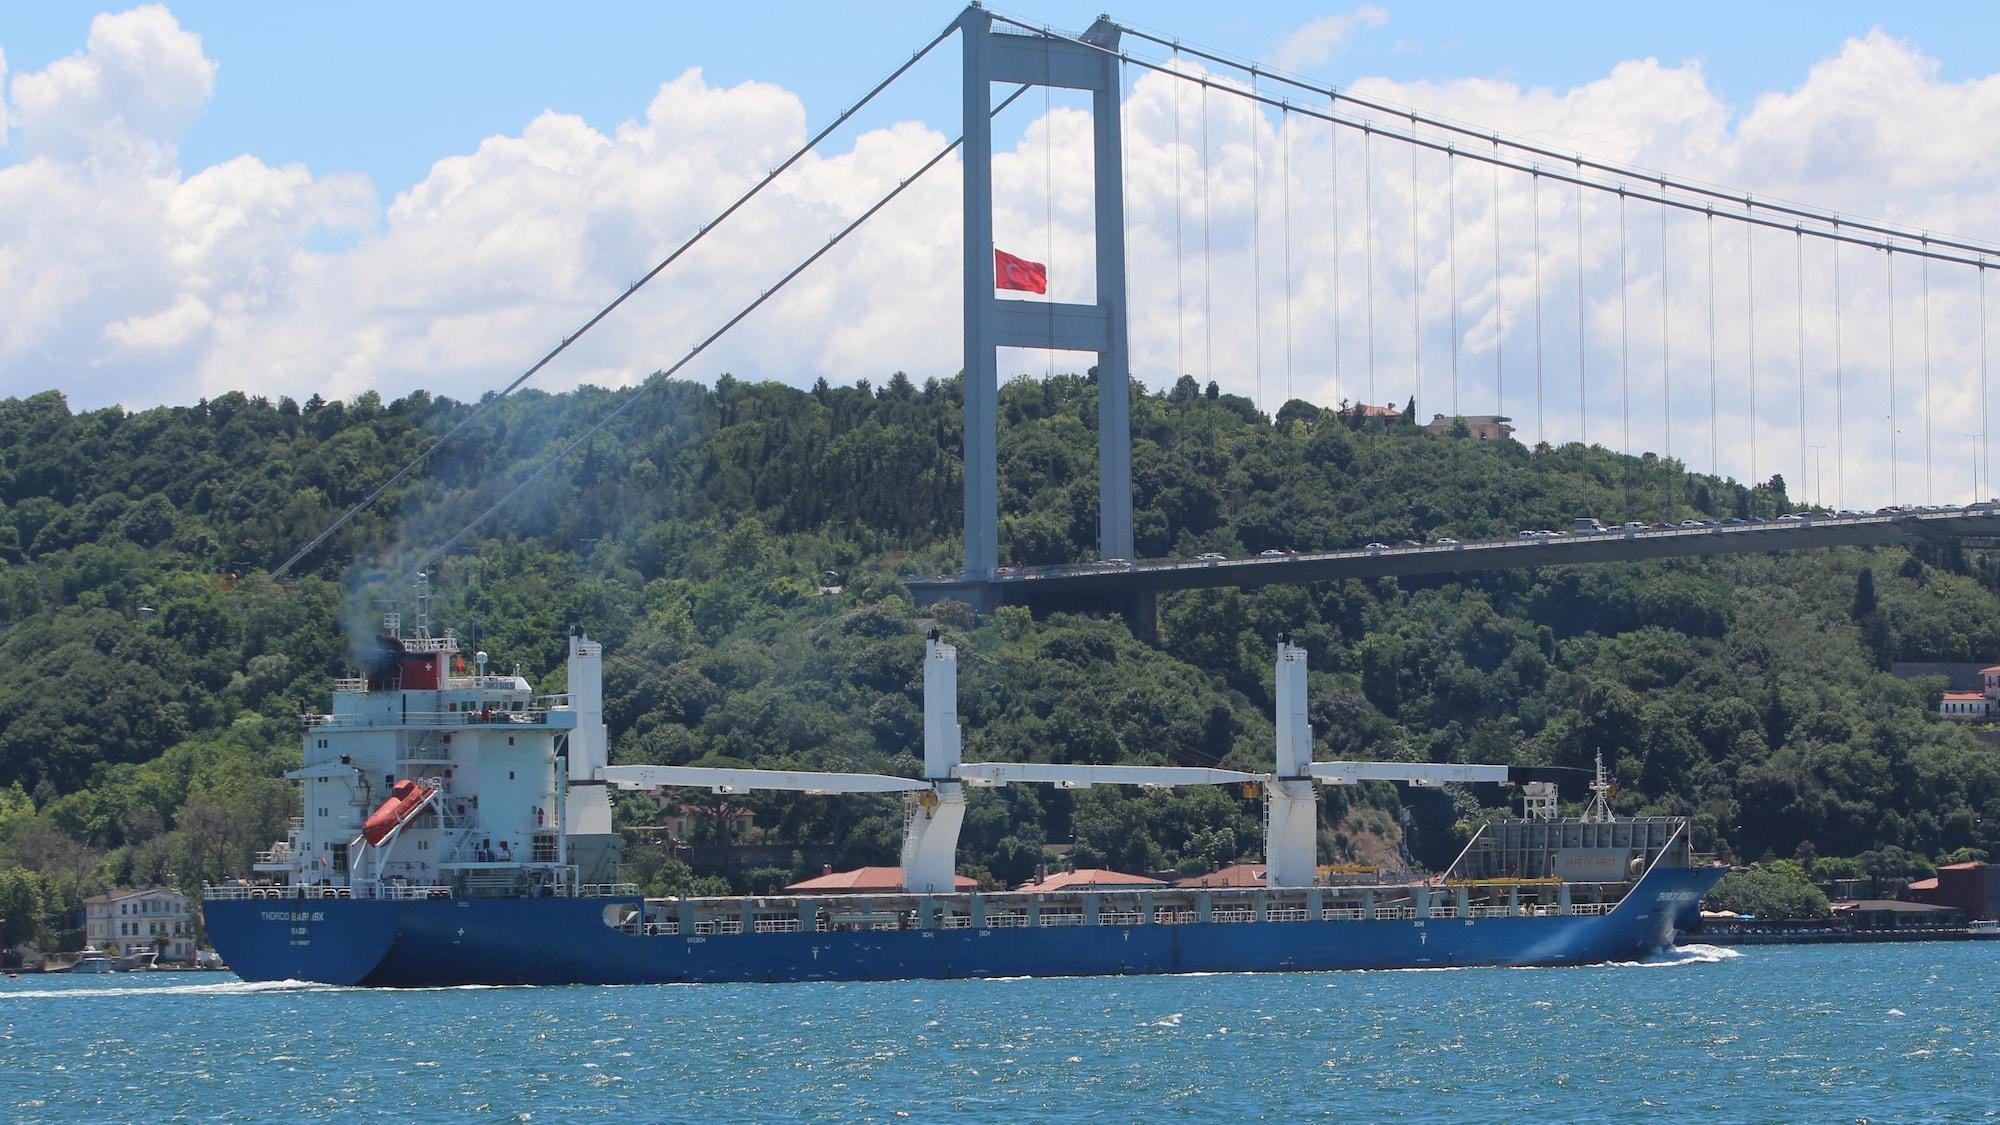 Vom Bund unterstützte Reederei leitete Abklärungen ein: Schweizer Schiff soll Waffen nach Saudi-Arabien transportiert haben